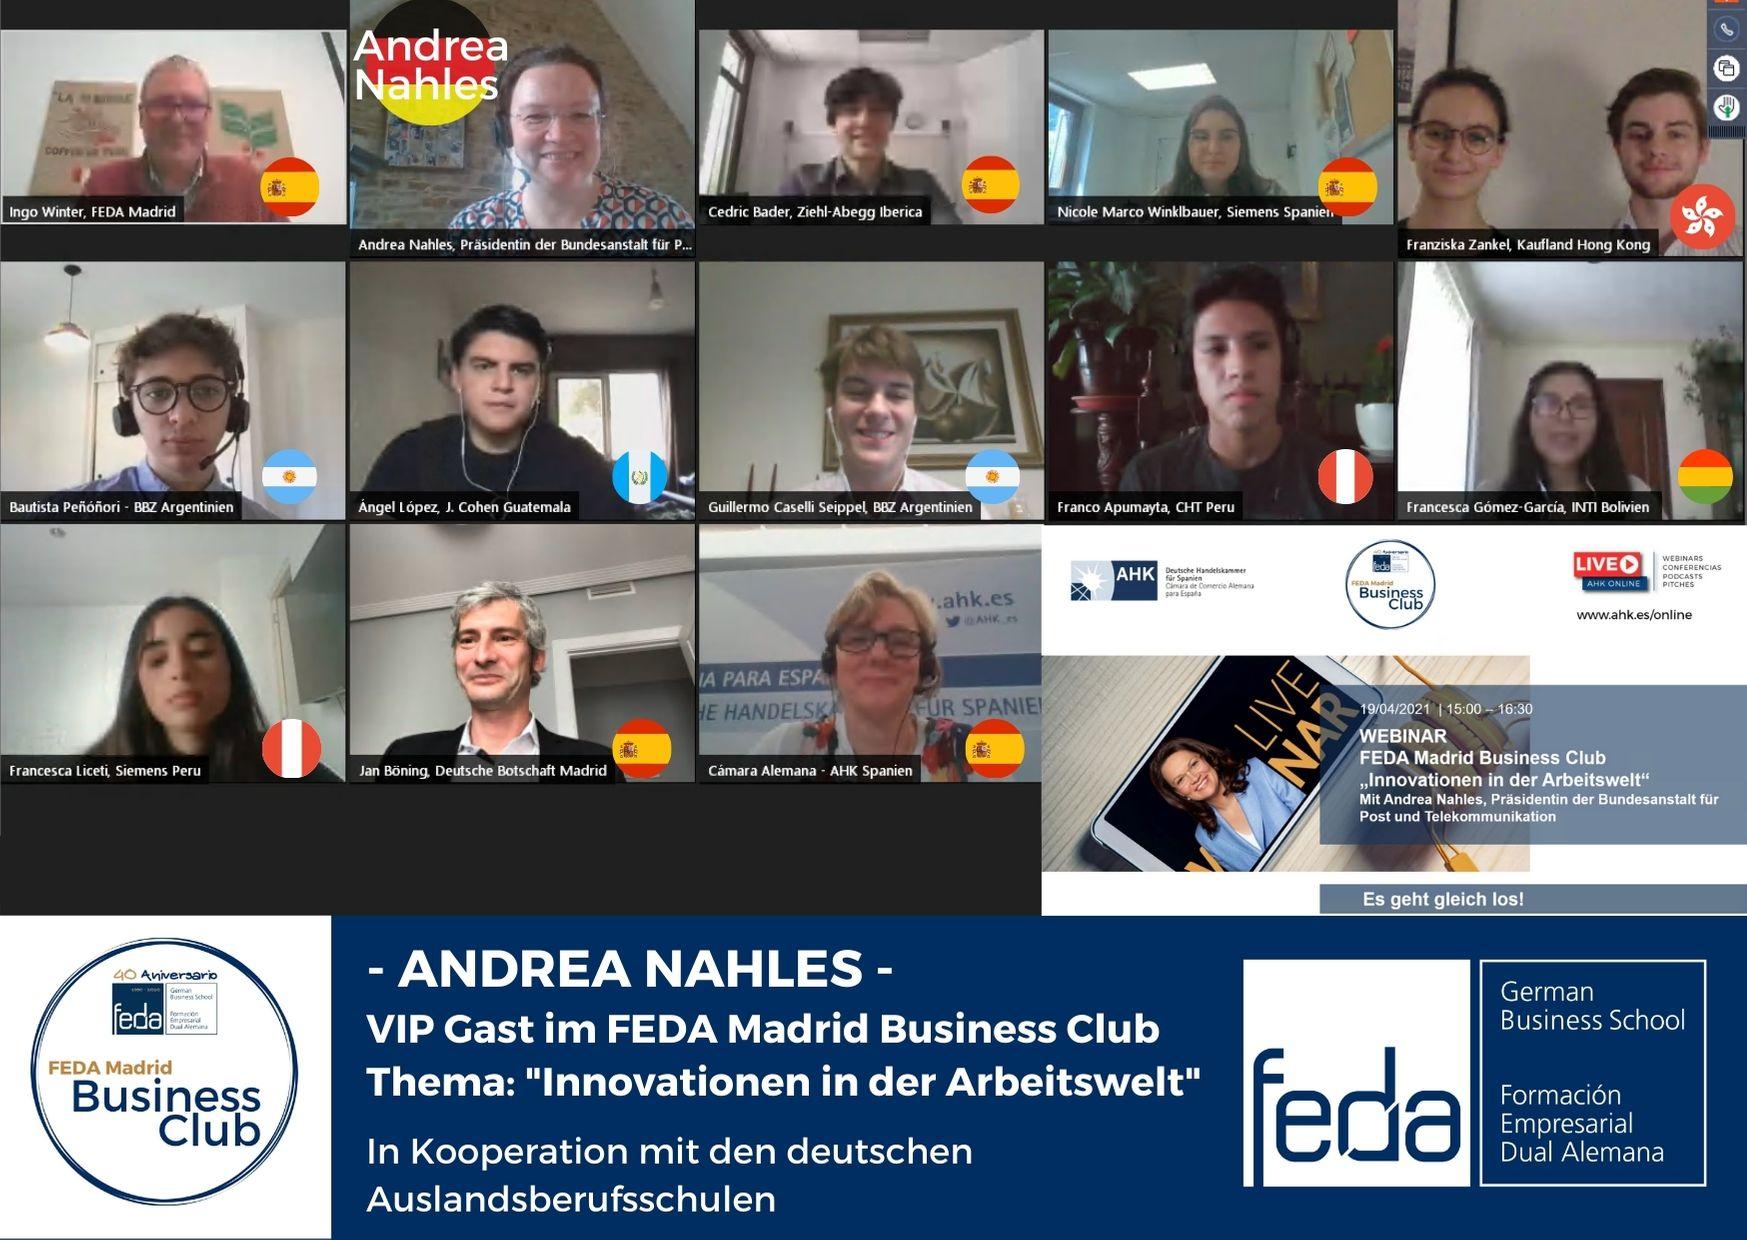 FEDA Madrid Business Club weltweit: Andrea Nahles spricht über Innovationen in der Arbeitswelt